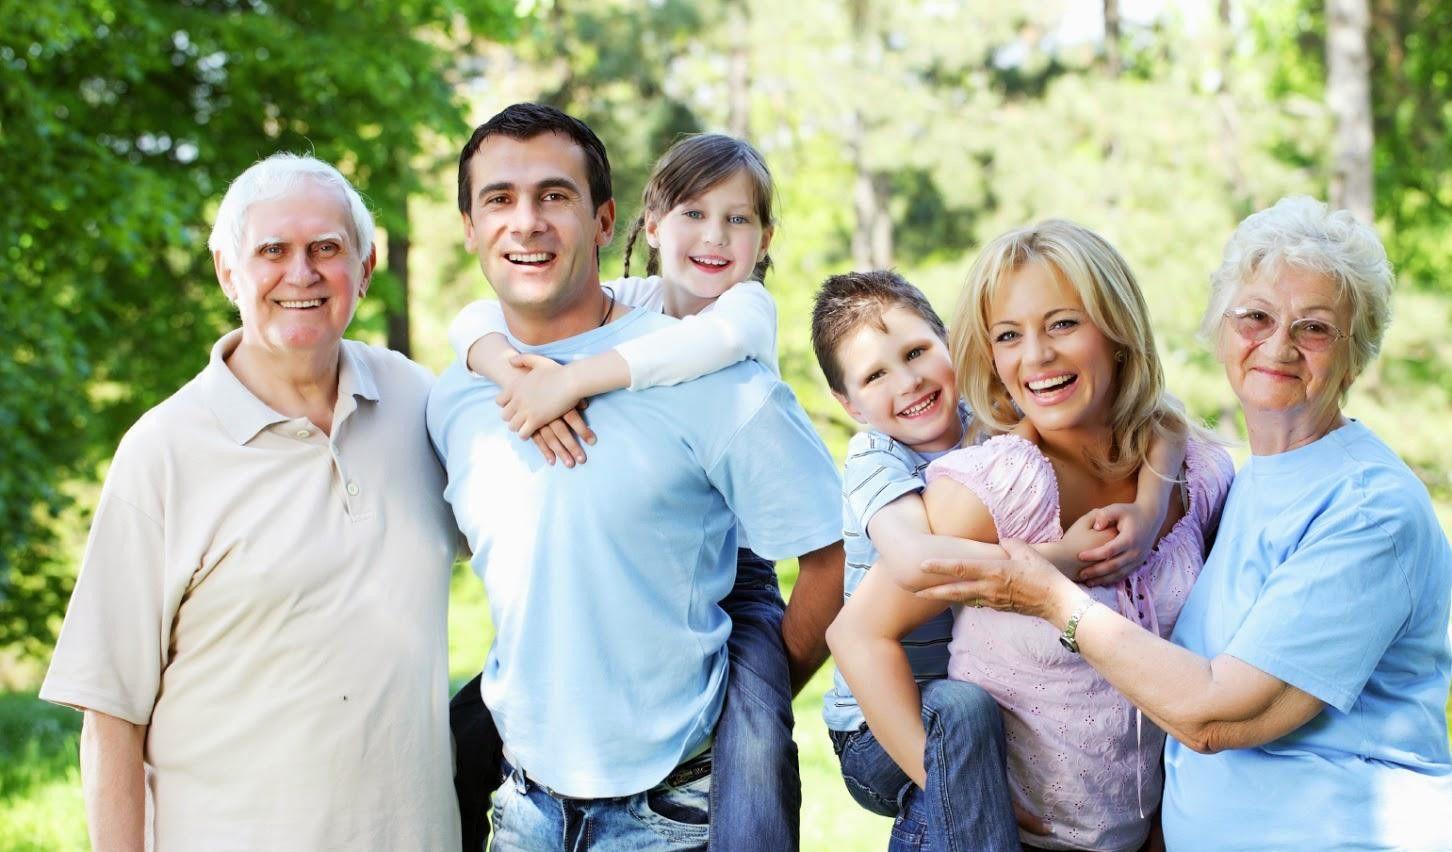 Nếu trong gia đình có người mắc ung thư vòm họng, những thành viên còn lại cần chú ý khám tầm soát định kỳ